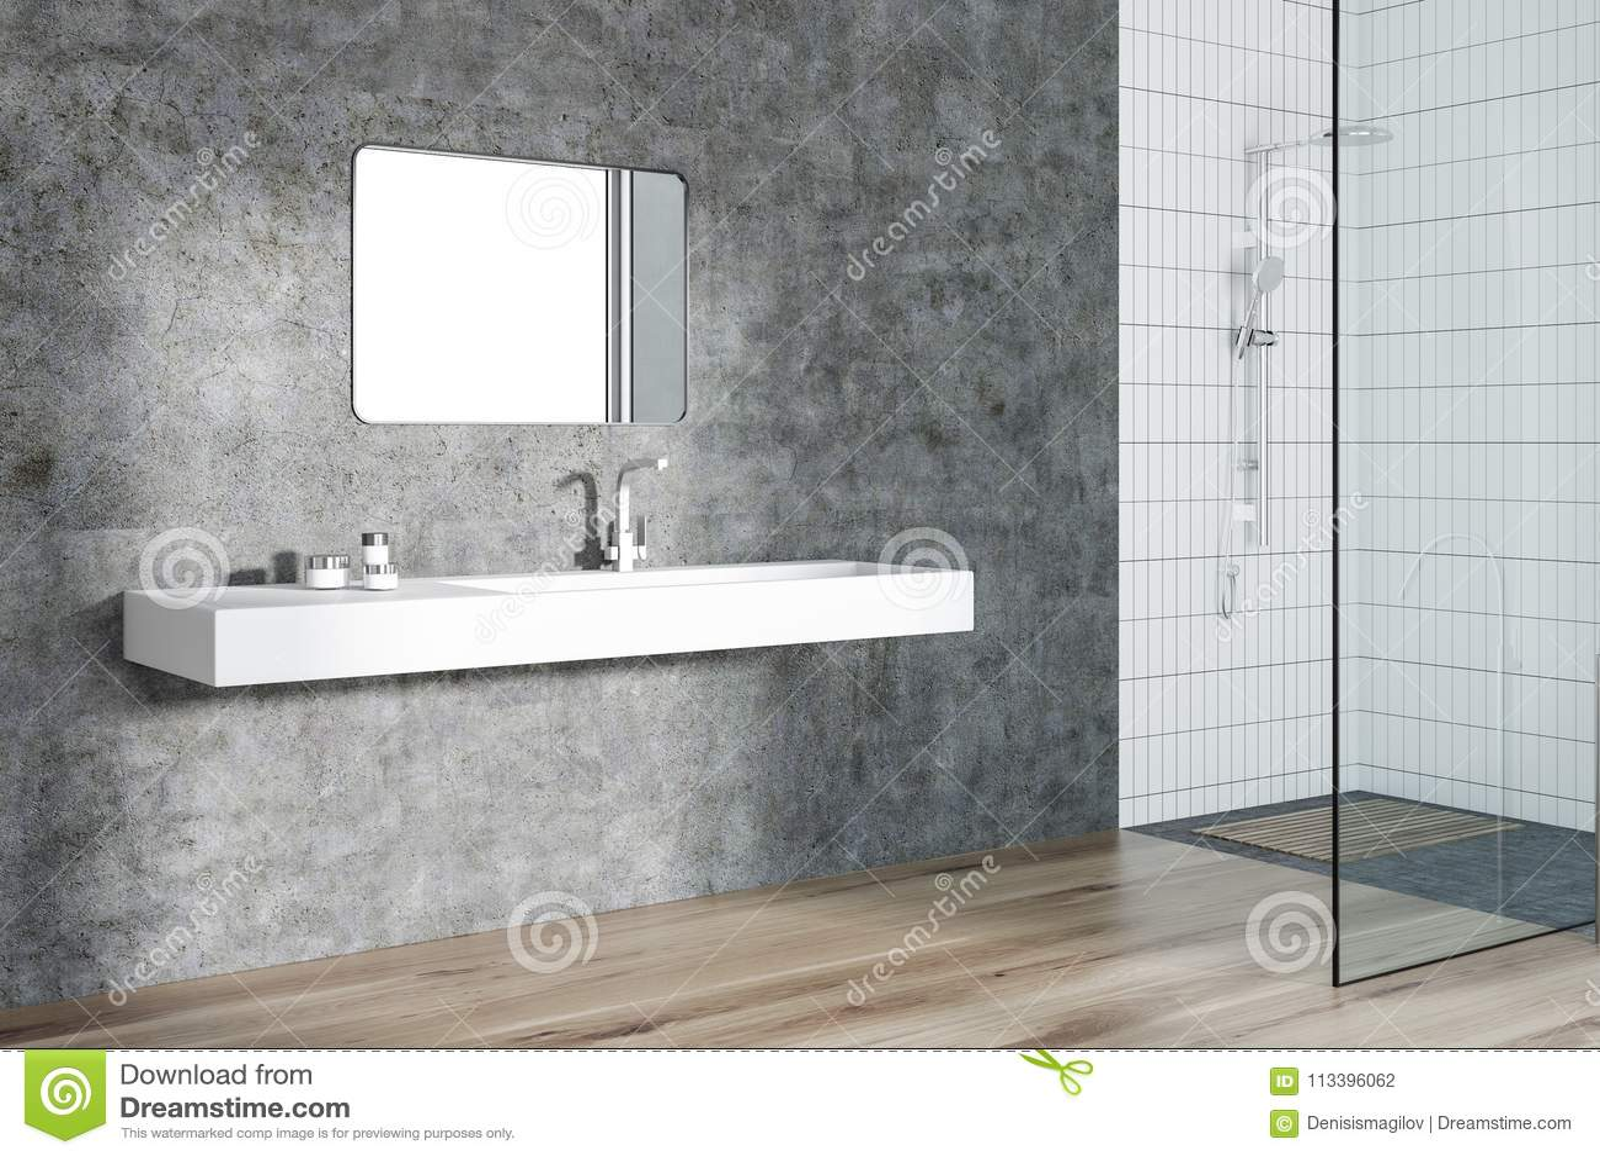 Concrete Bathroom Corner, Sink And Shower Stock Illustration ...